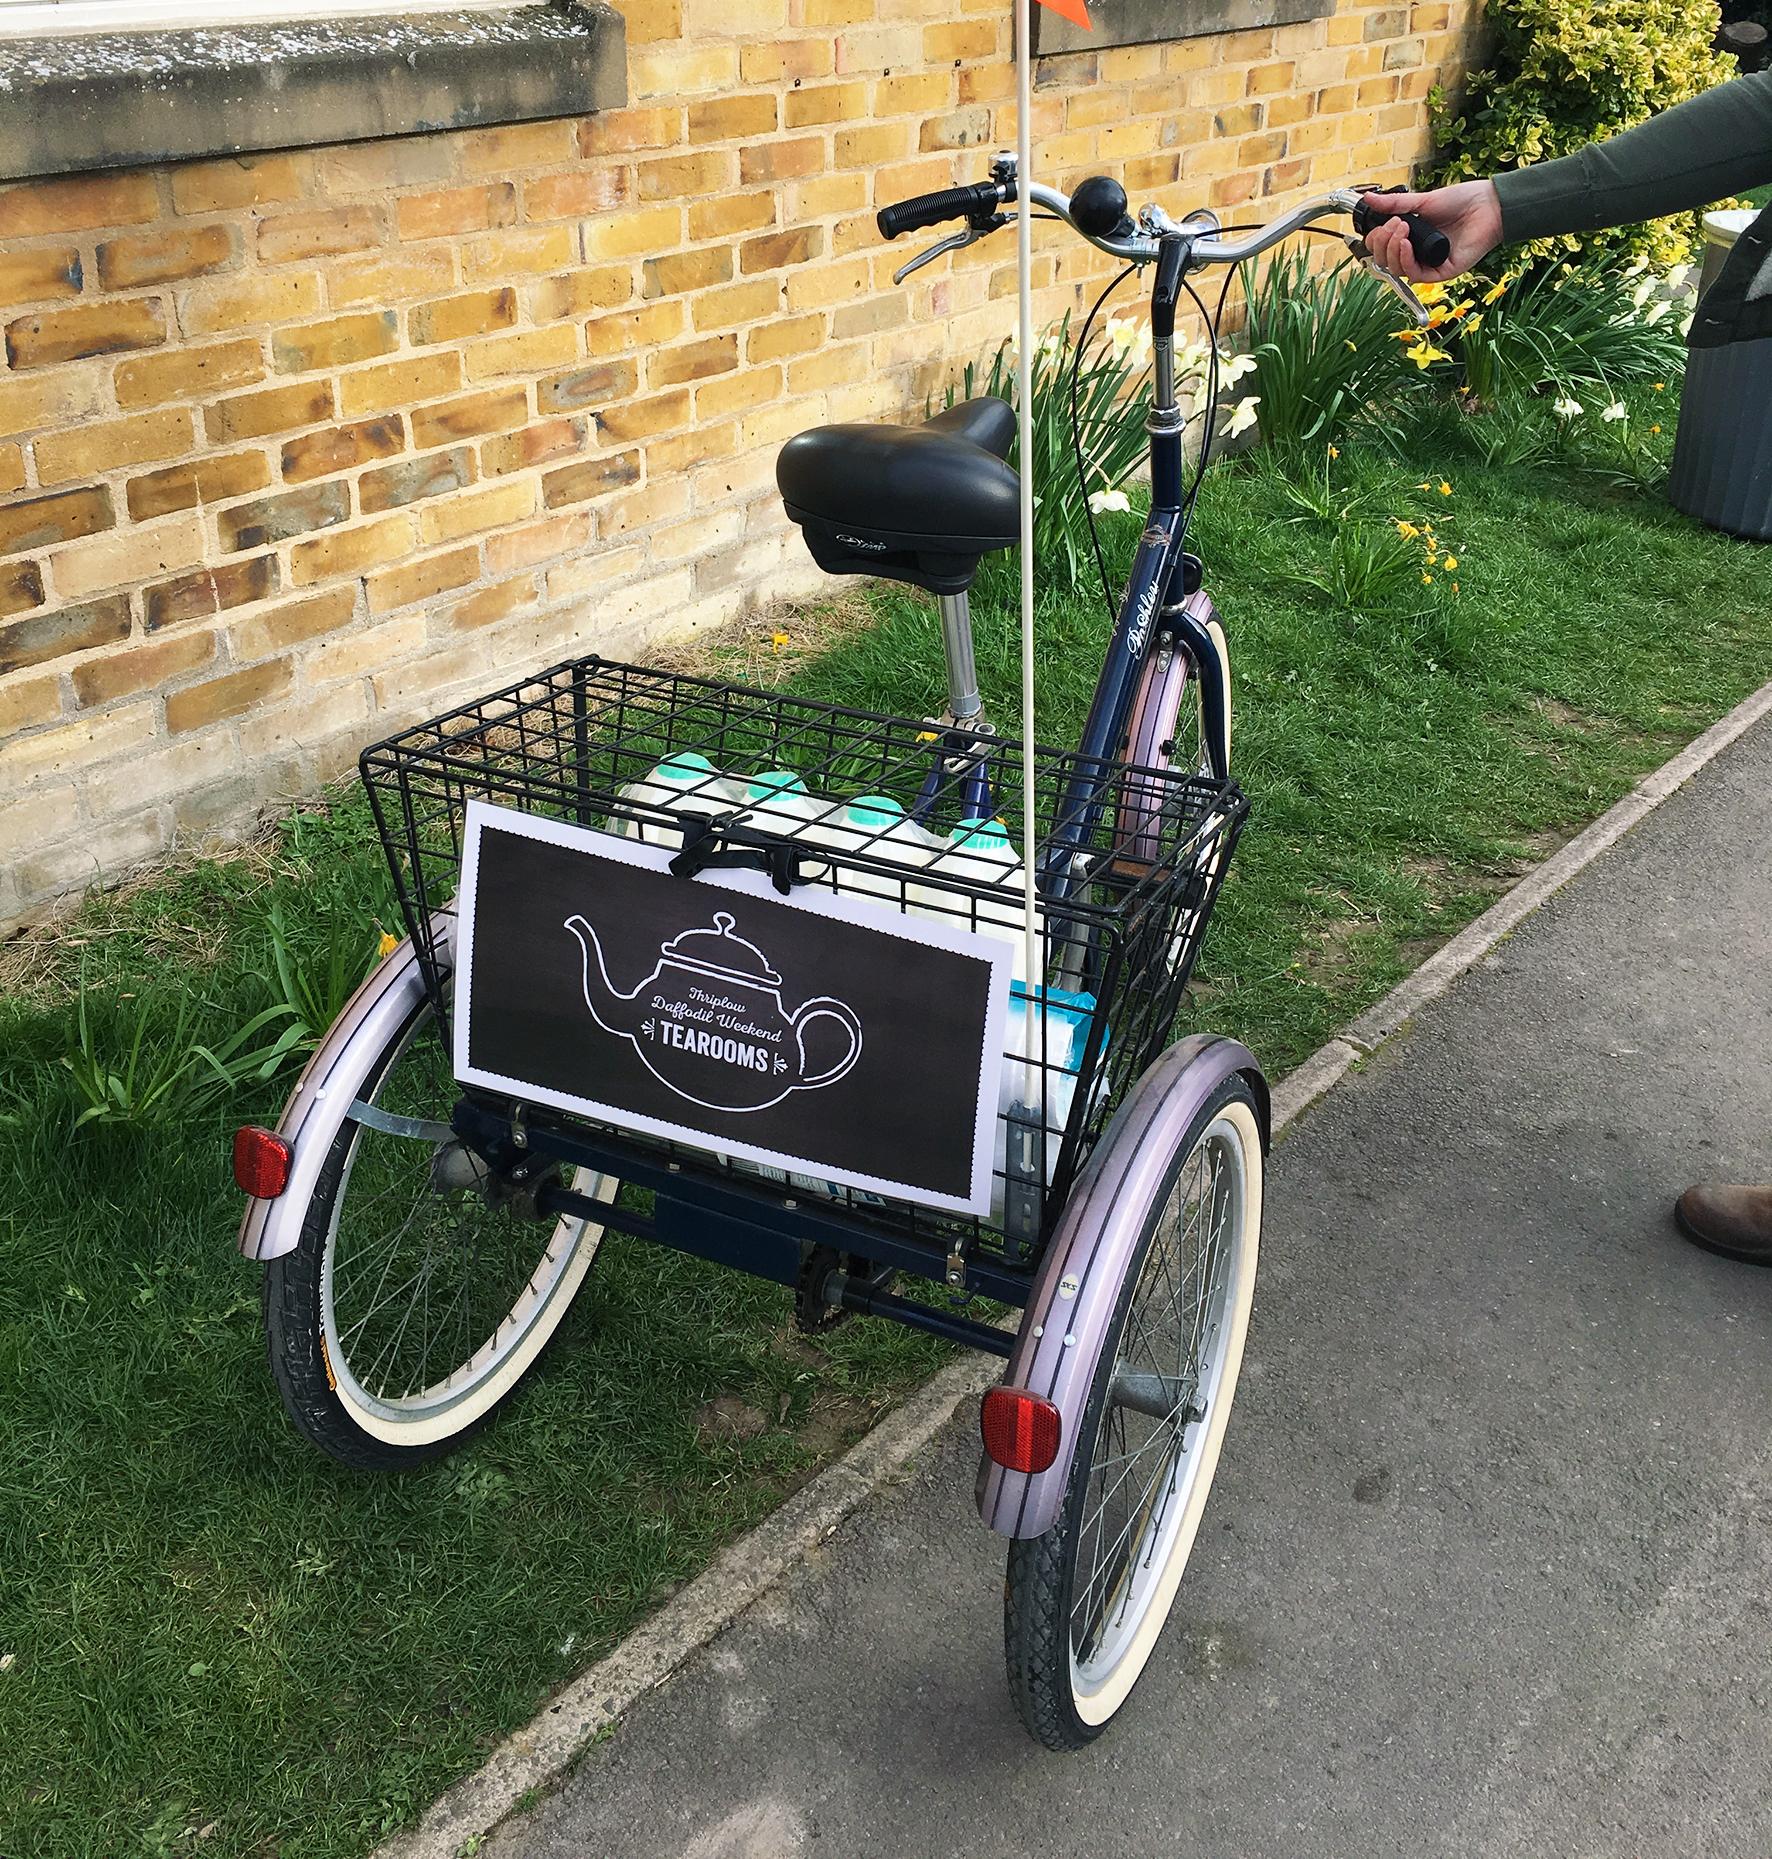 The new tea room bike helps transport urgent supplies around the village